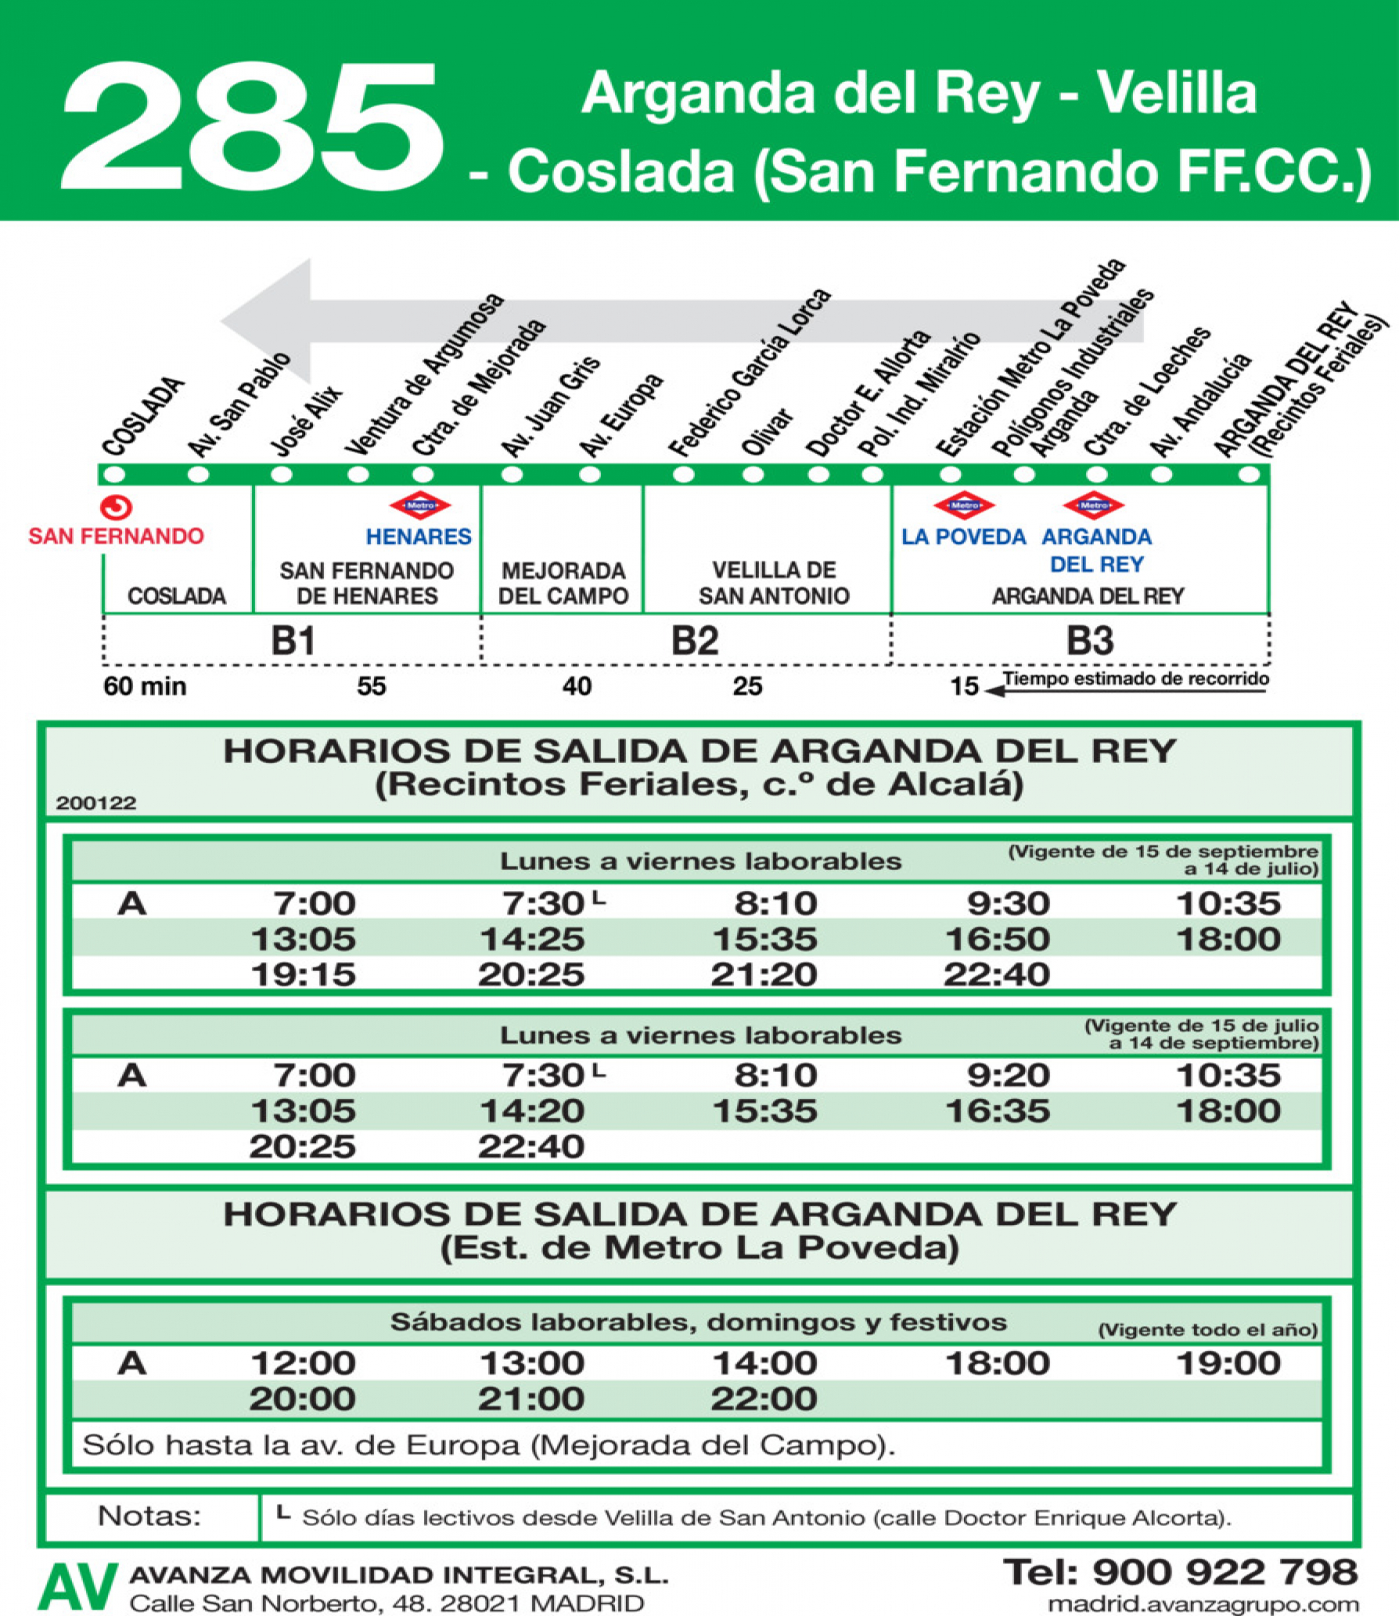 Tabla de horarios y frecuencias de paso en sentido vuelta Línea 285: Coslada (San Fernando RENFE) - Velilla - Arganda del Rey